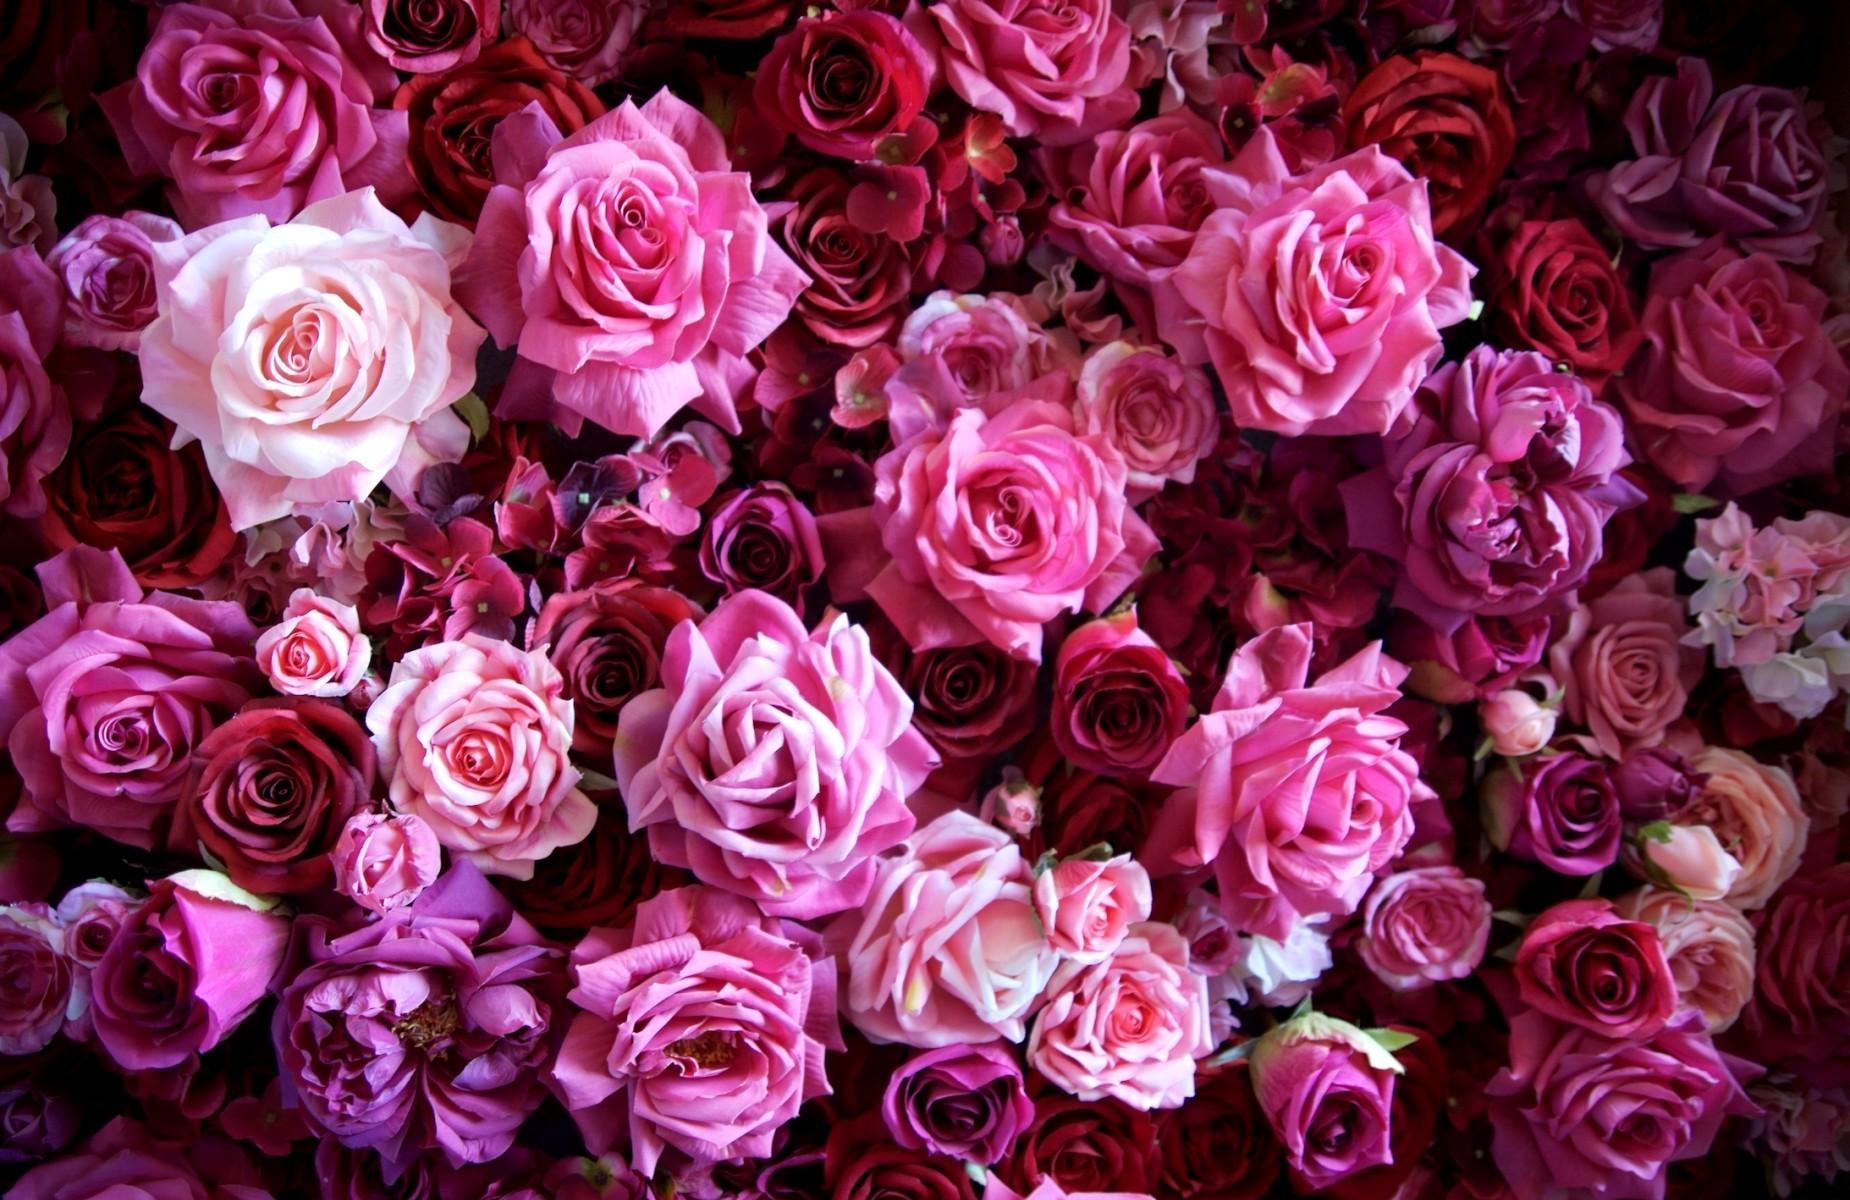 62869 Заставки и Обои Розы на телефон. Скачать Цветы, Розы, Букет, Бутоны, Много картинки бесплатно